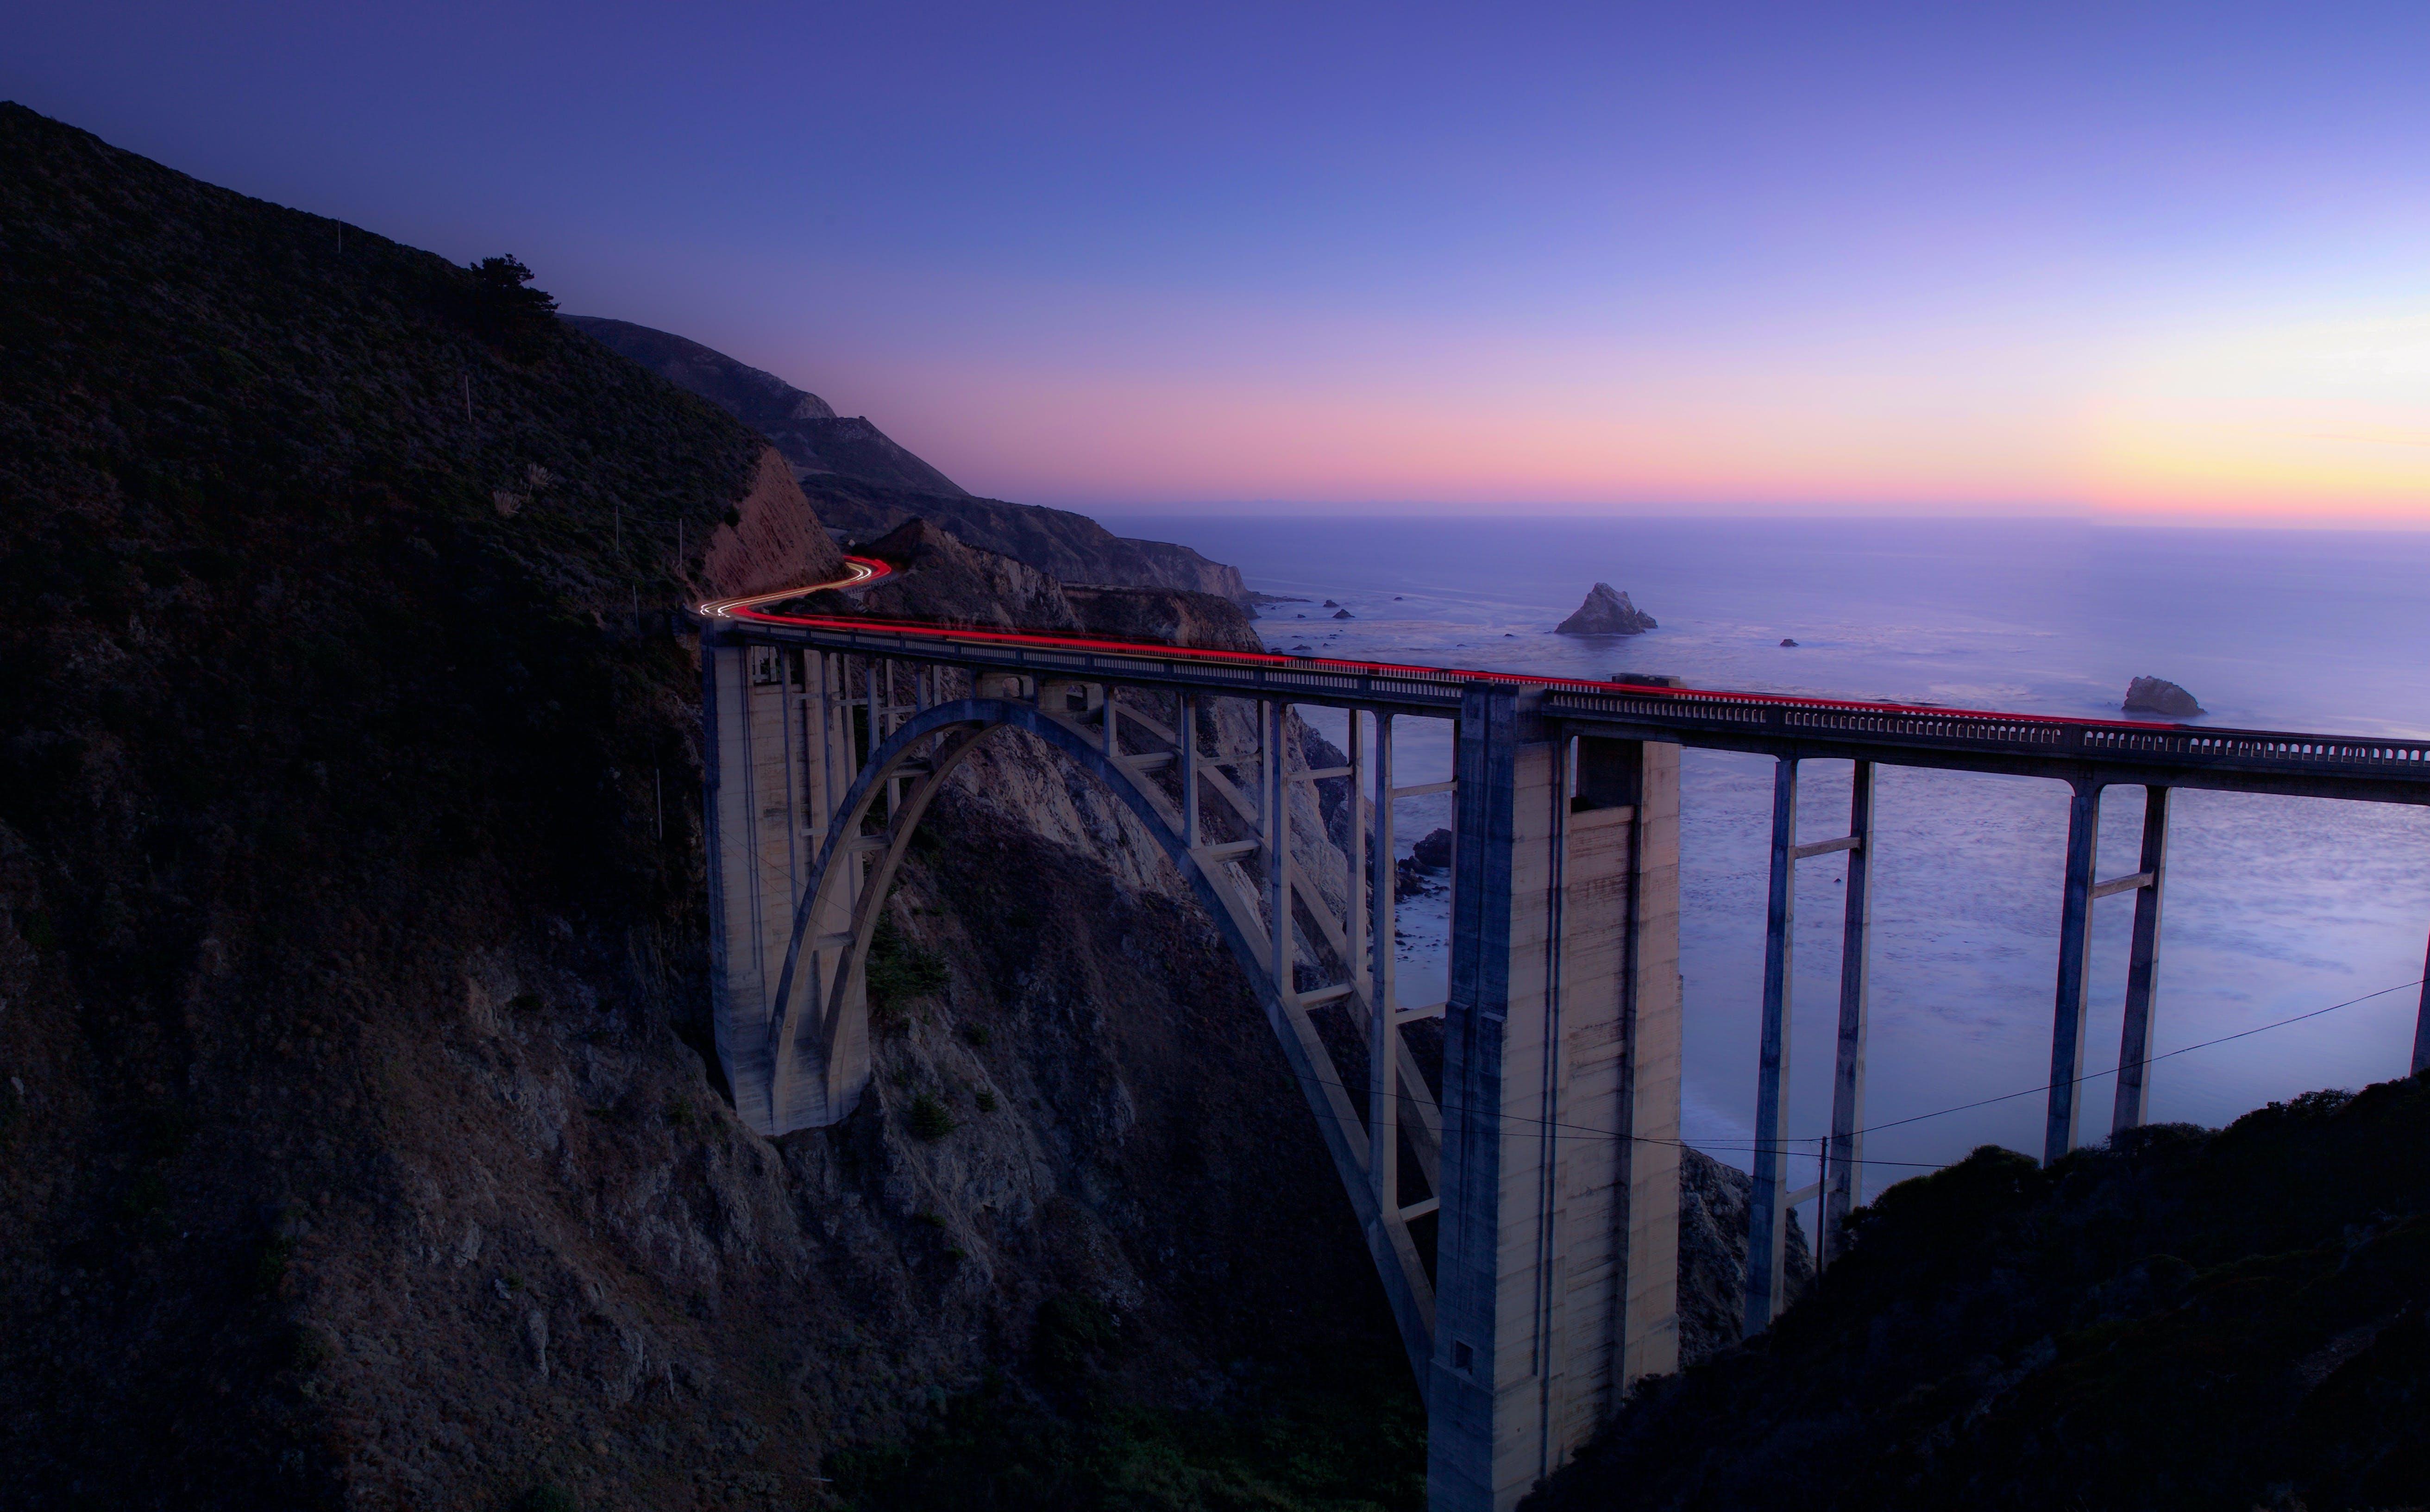 Gratis arkivbilde med arkitektur, bro, daggry, fjell